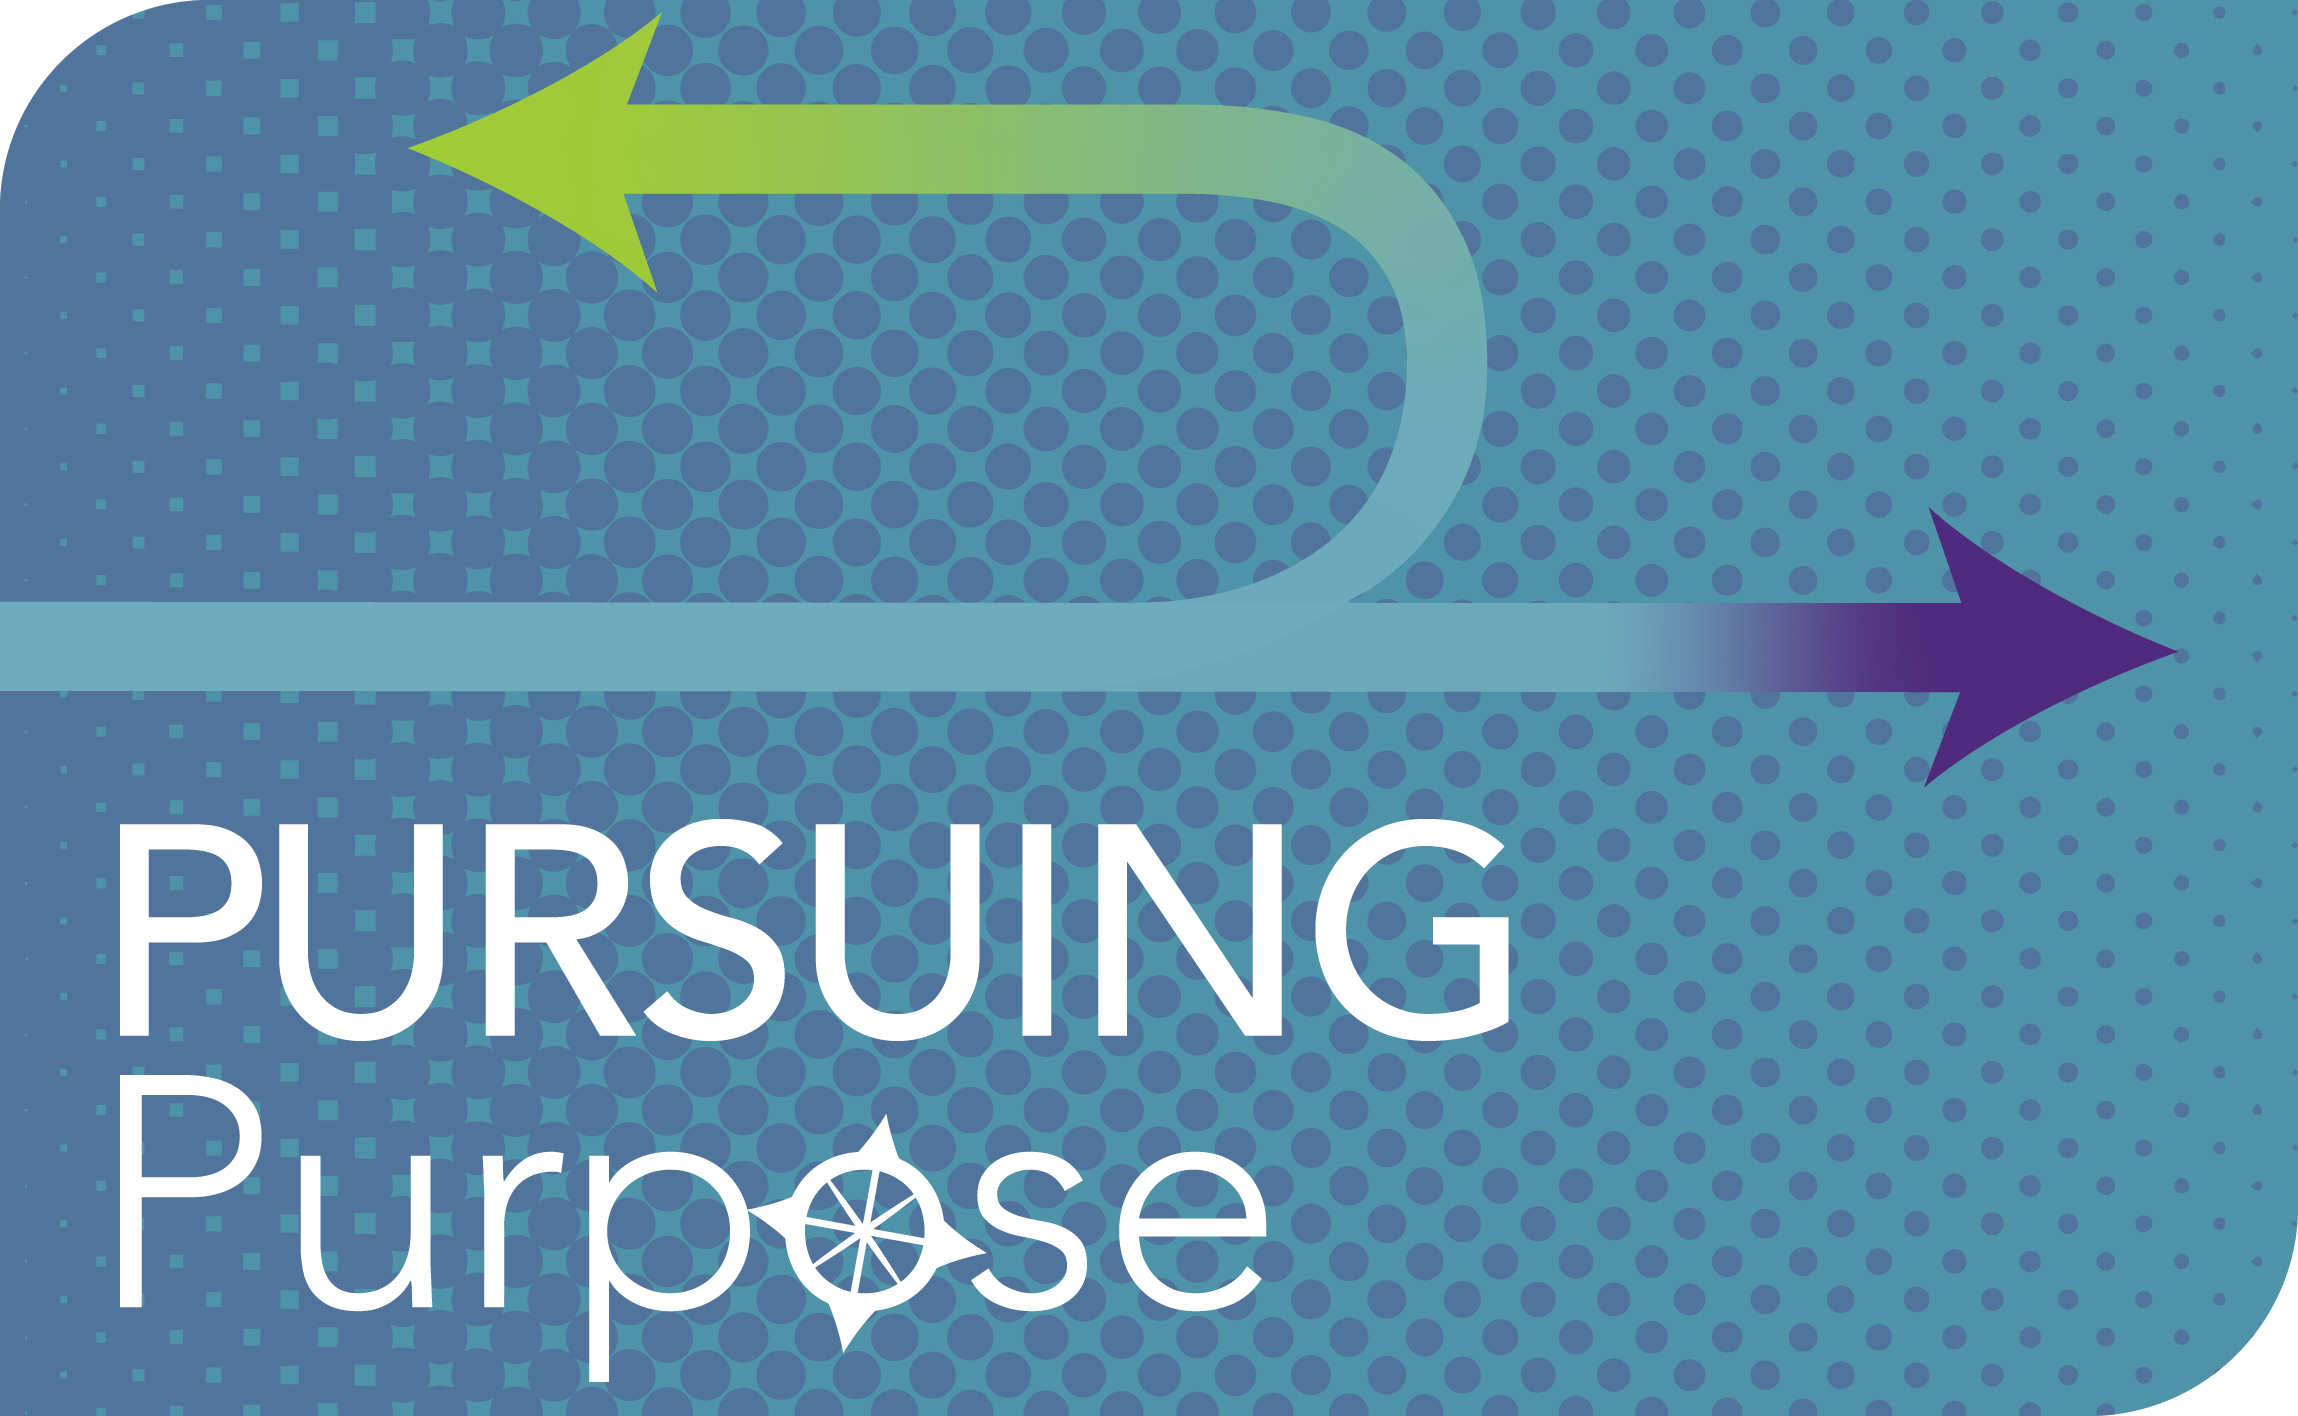 Decorative tile for Pursuing Purpose program